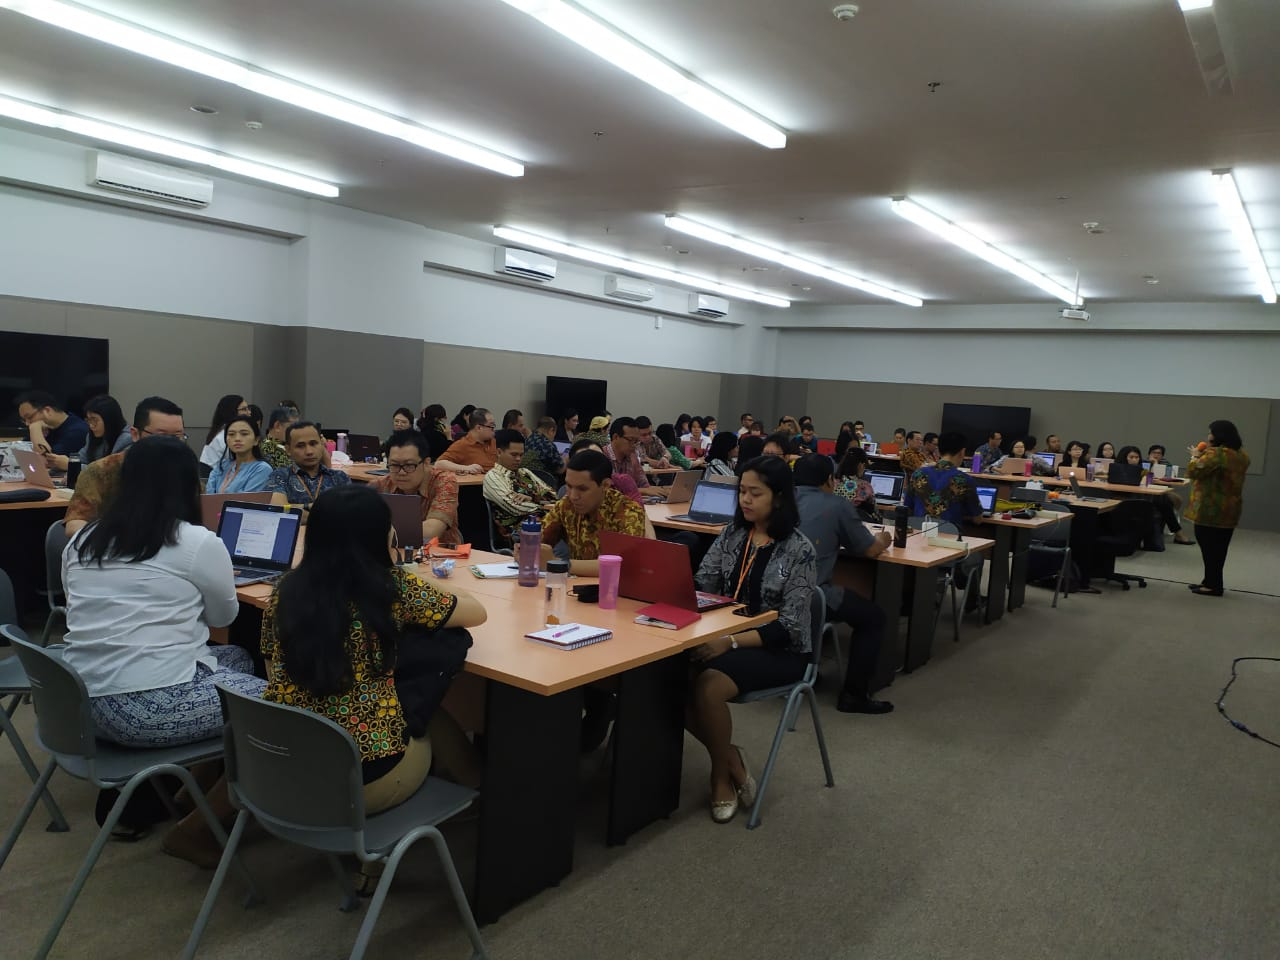 Tingkatkan Pemahaman IAPS 4.0, Universitas Ciputra Gelar Workshop!